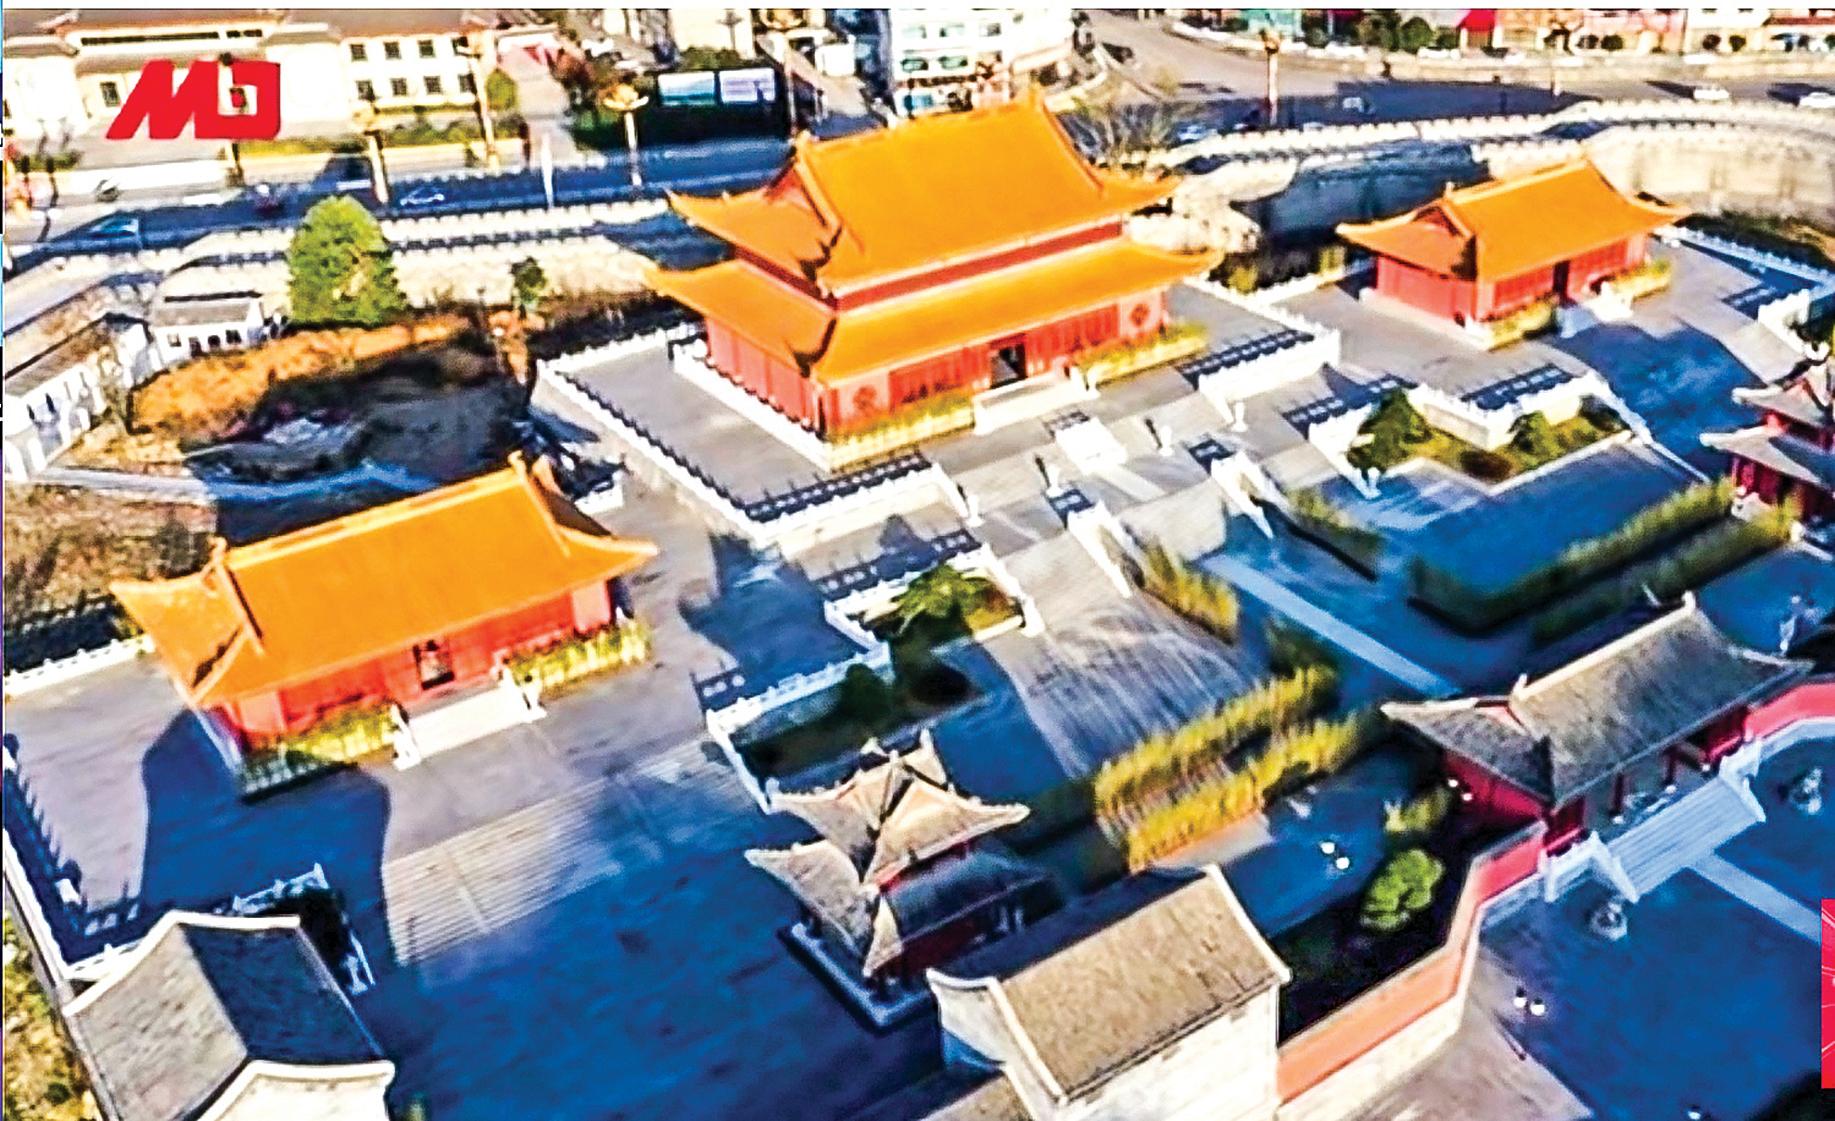 貴州國家級貧困縣獨山縣舉債22億人民幣、歷時4年,打造一座「山寨版紫禁城」,遭到外界質疑。(影片截圖)